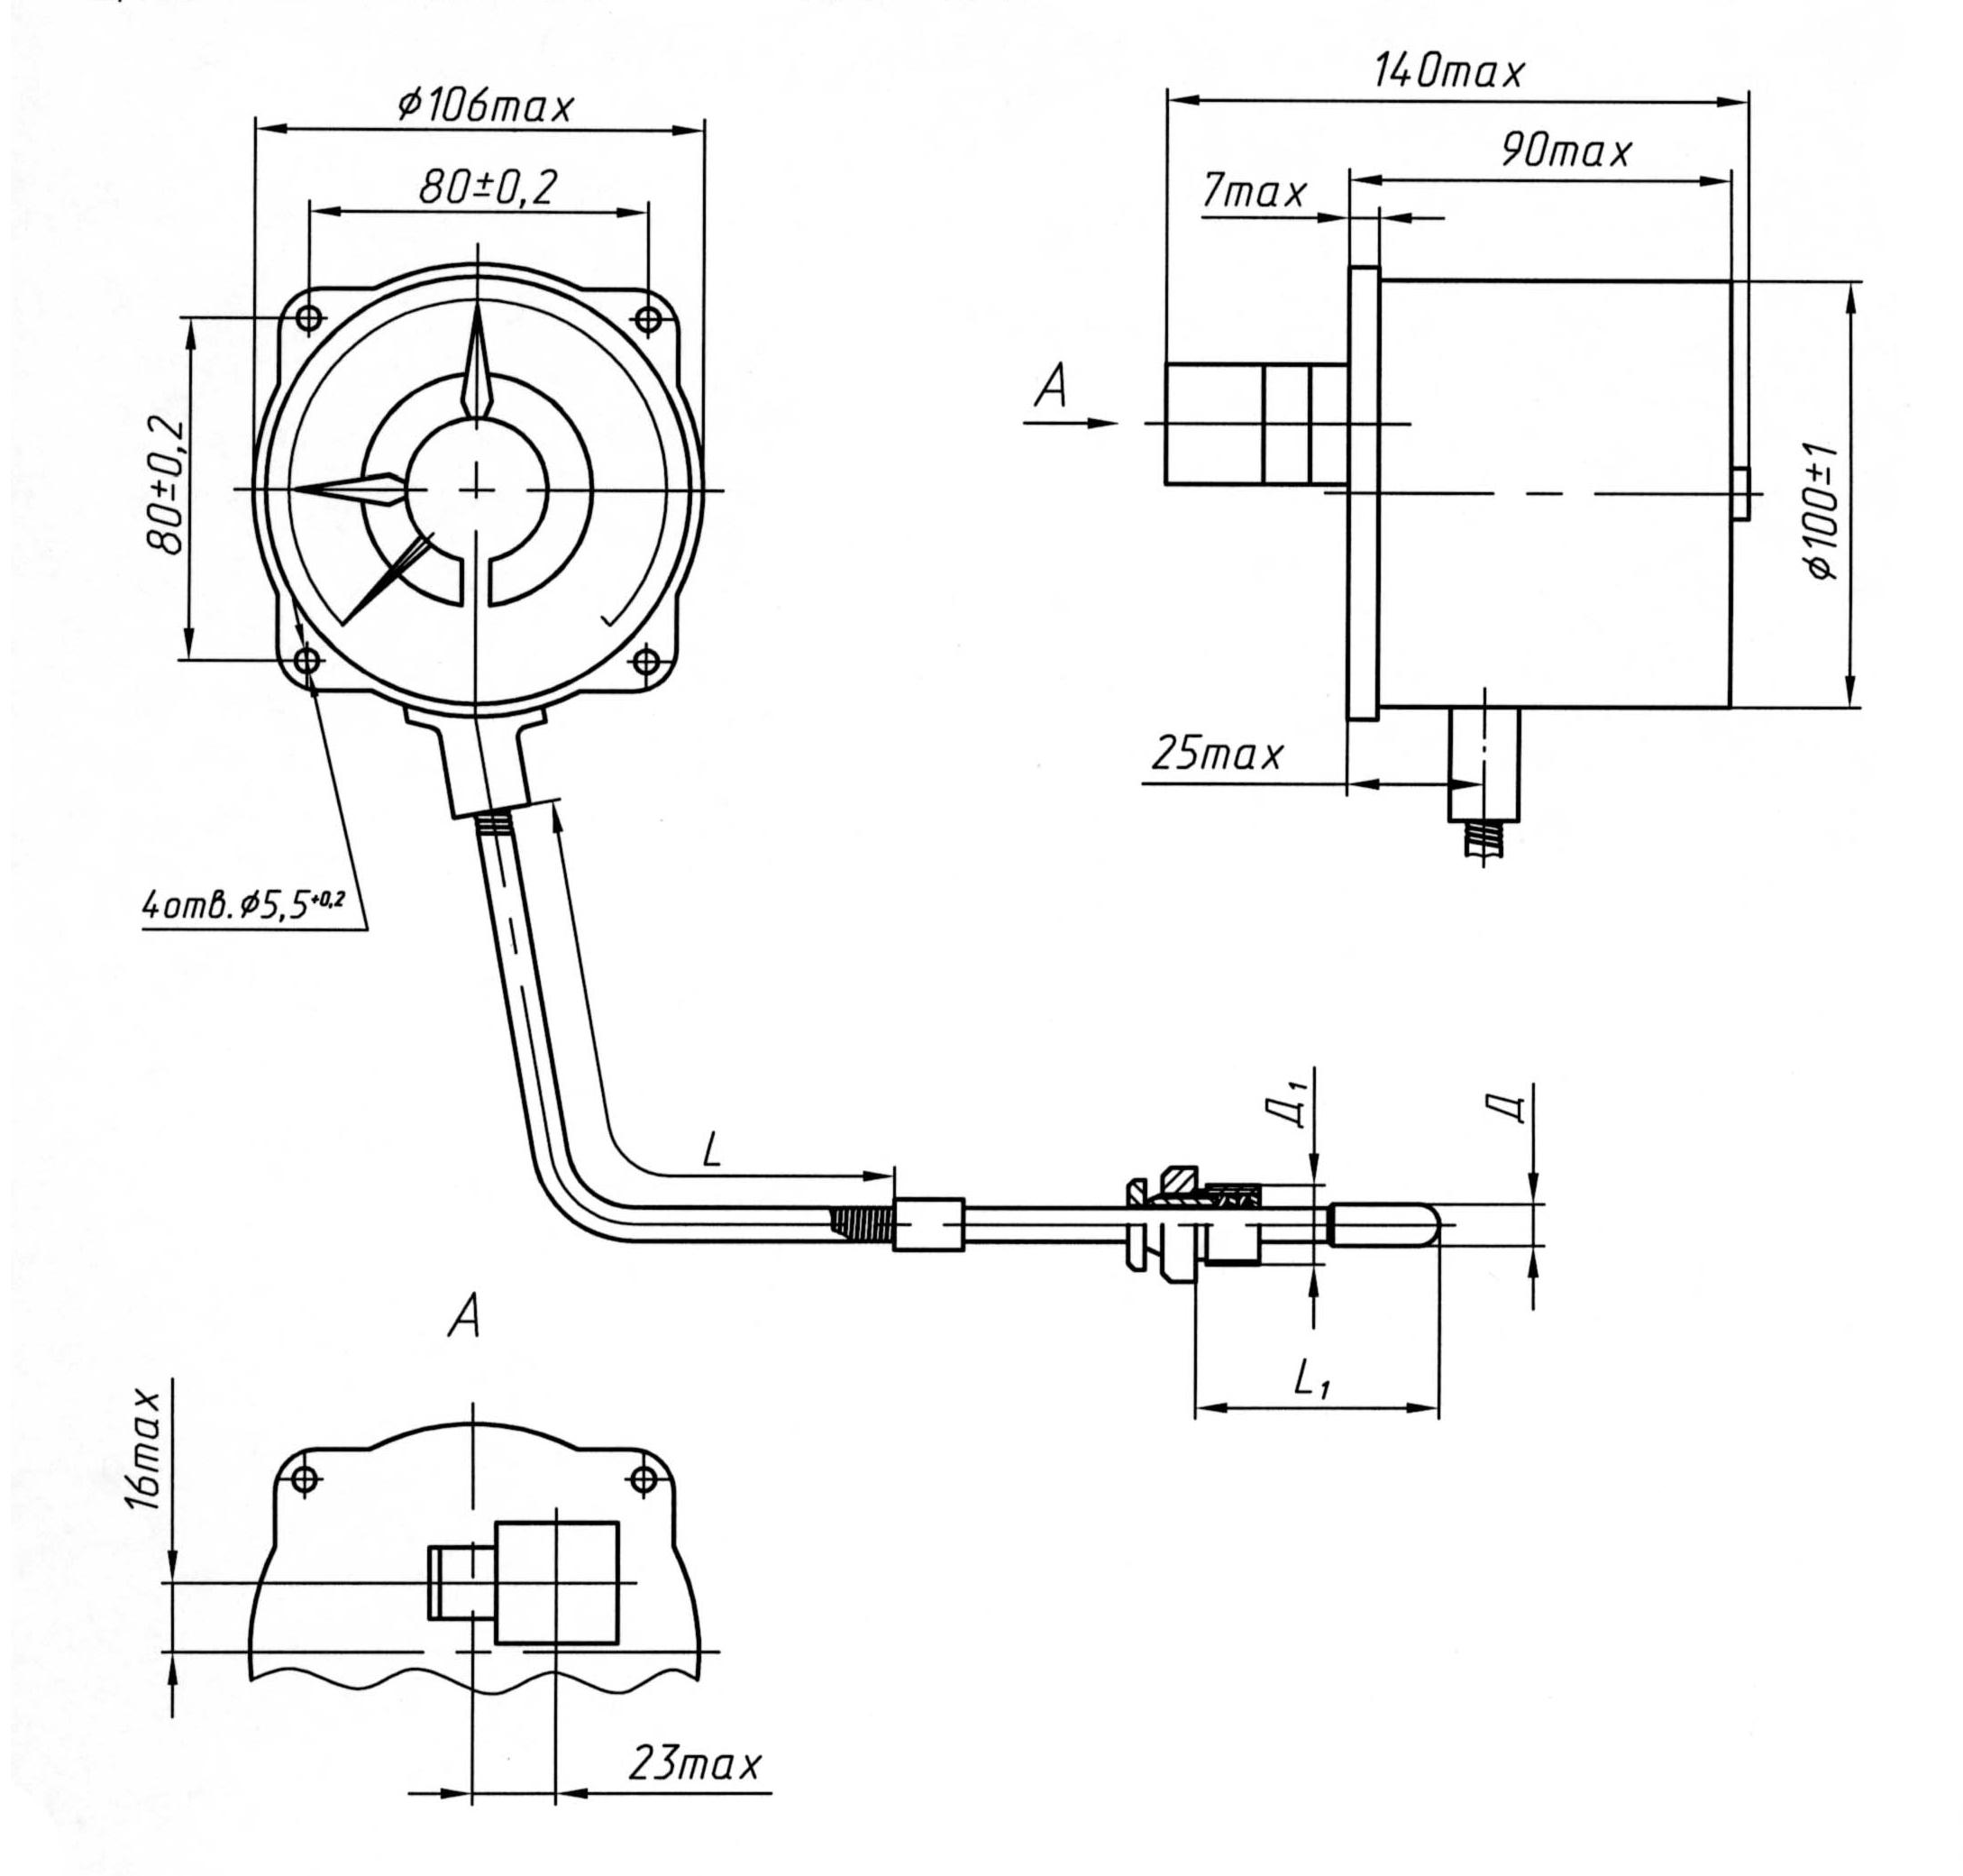 ткп-160 сг-м2 схема подключения